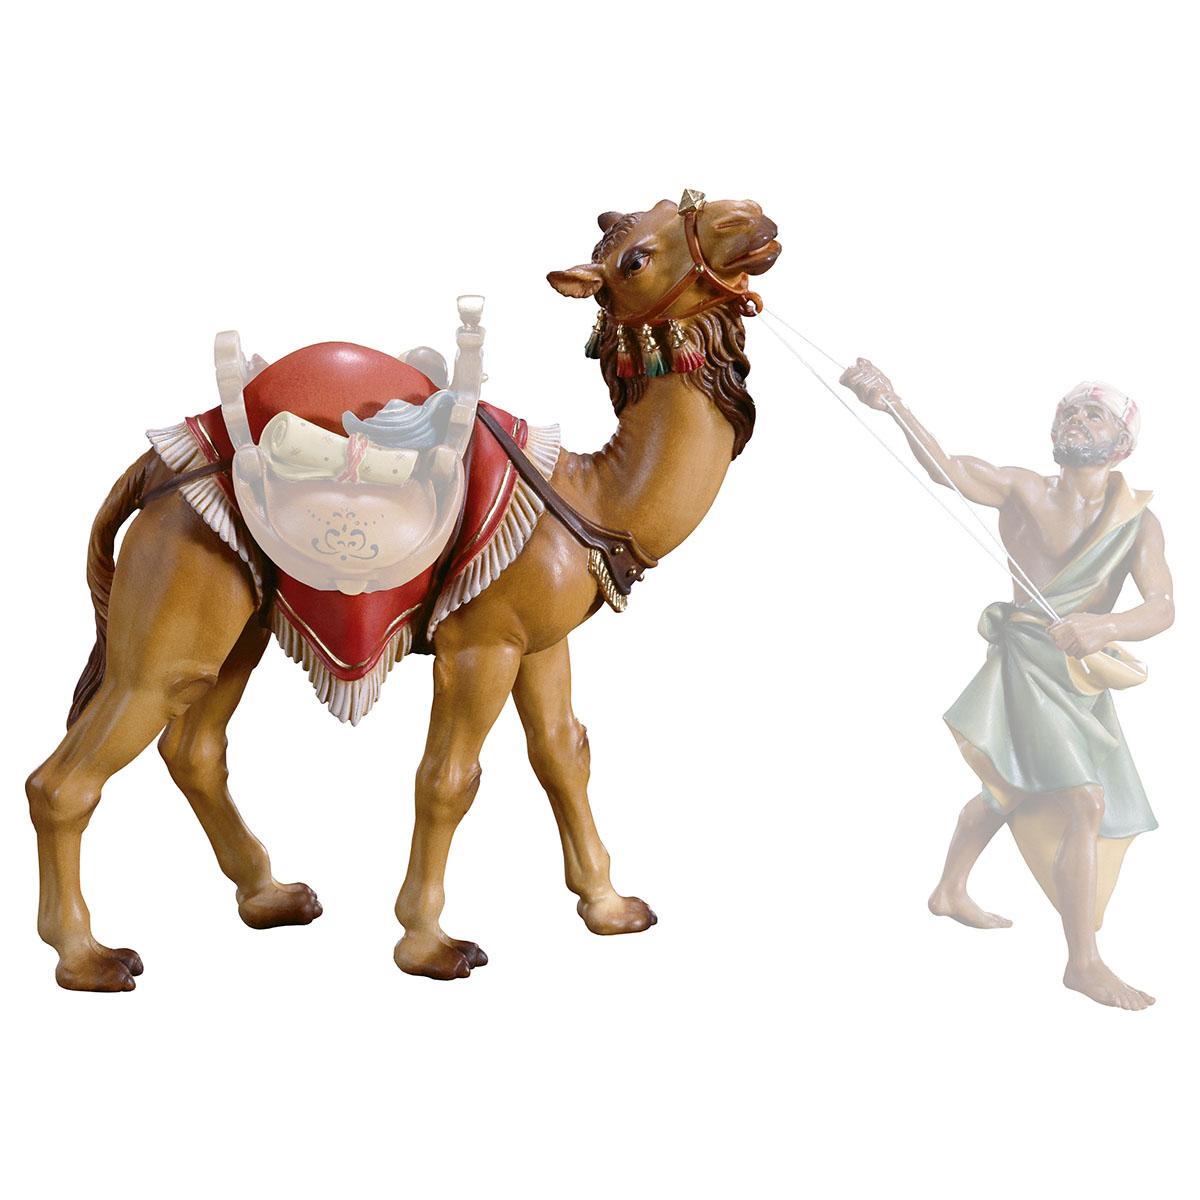 Kamel stehend (ohne Sattel und Treiber)